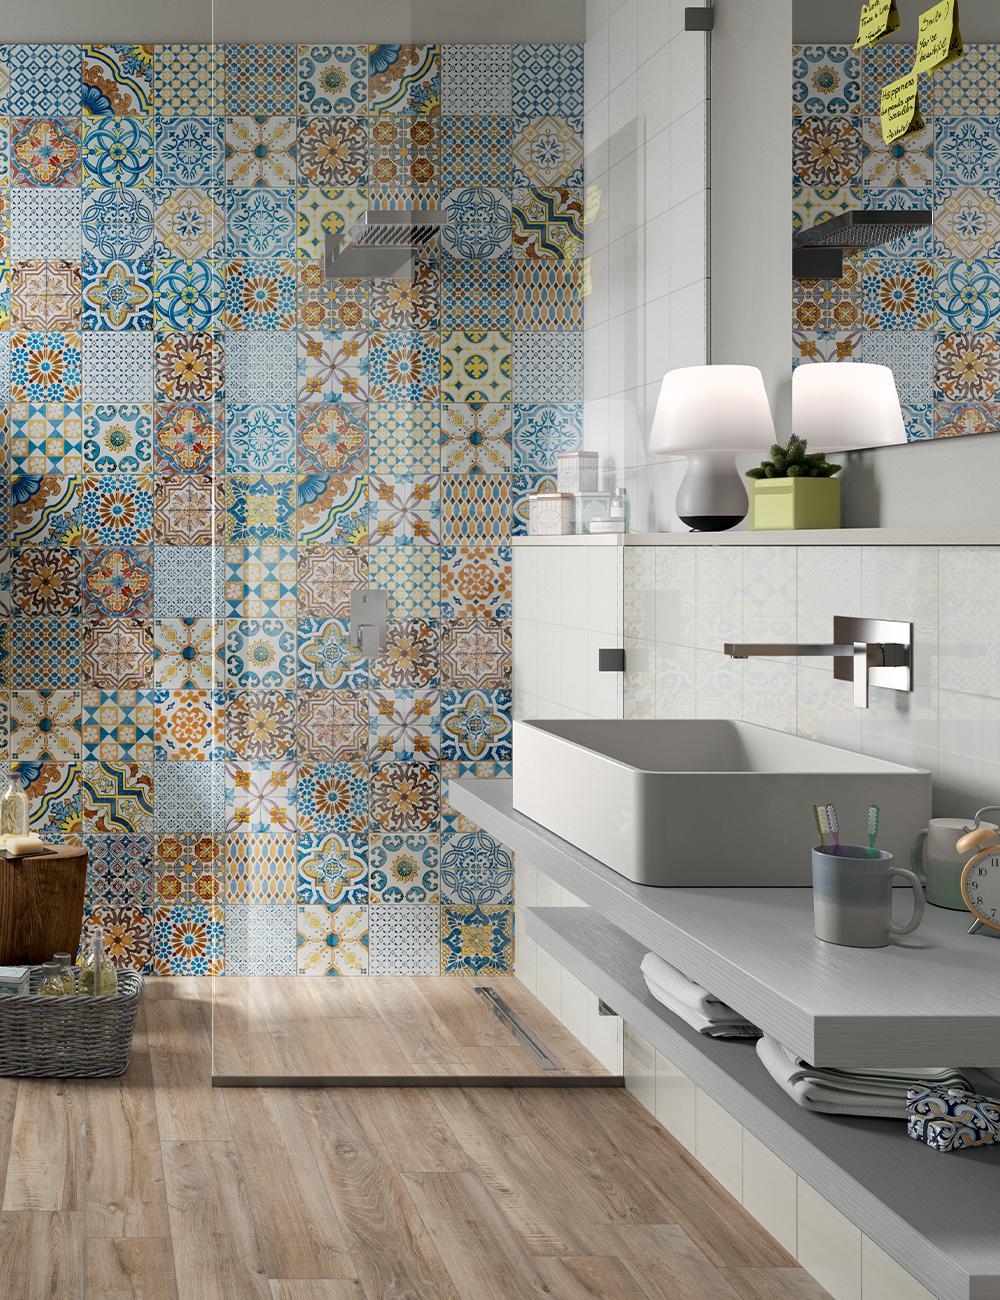 Rivestimento Bagno Con Maioliche piastrella azulejos 20x20 lucido effetto maiolica nel 2020